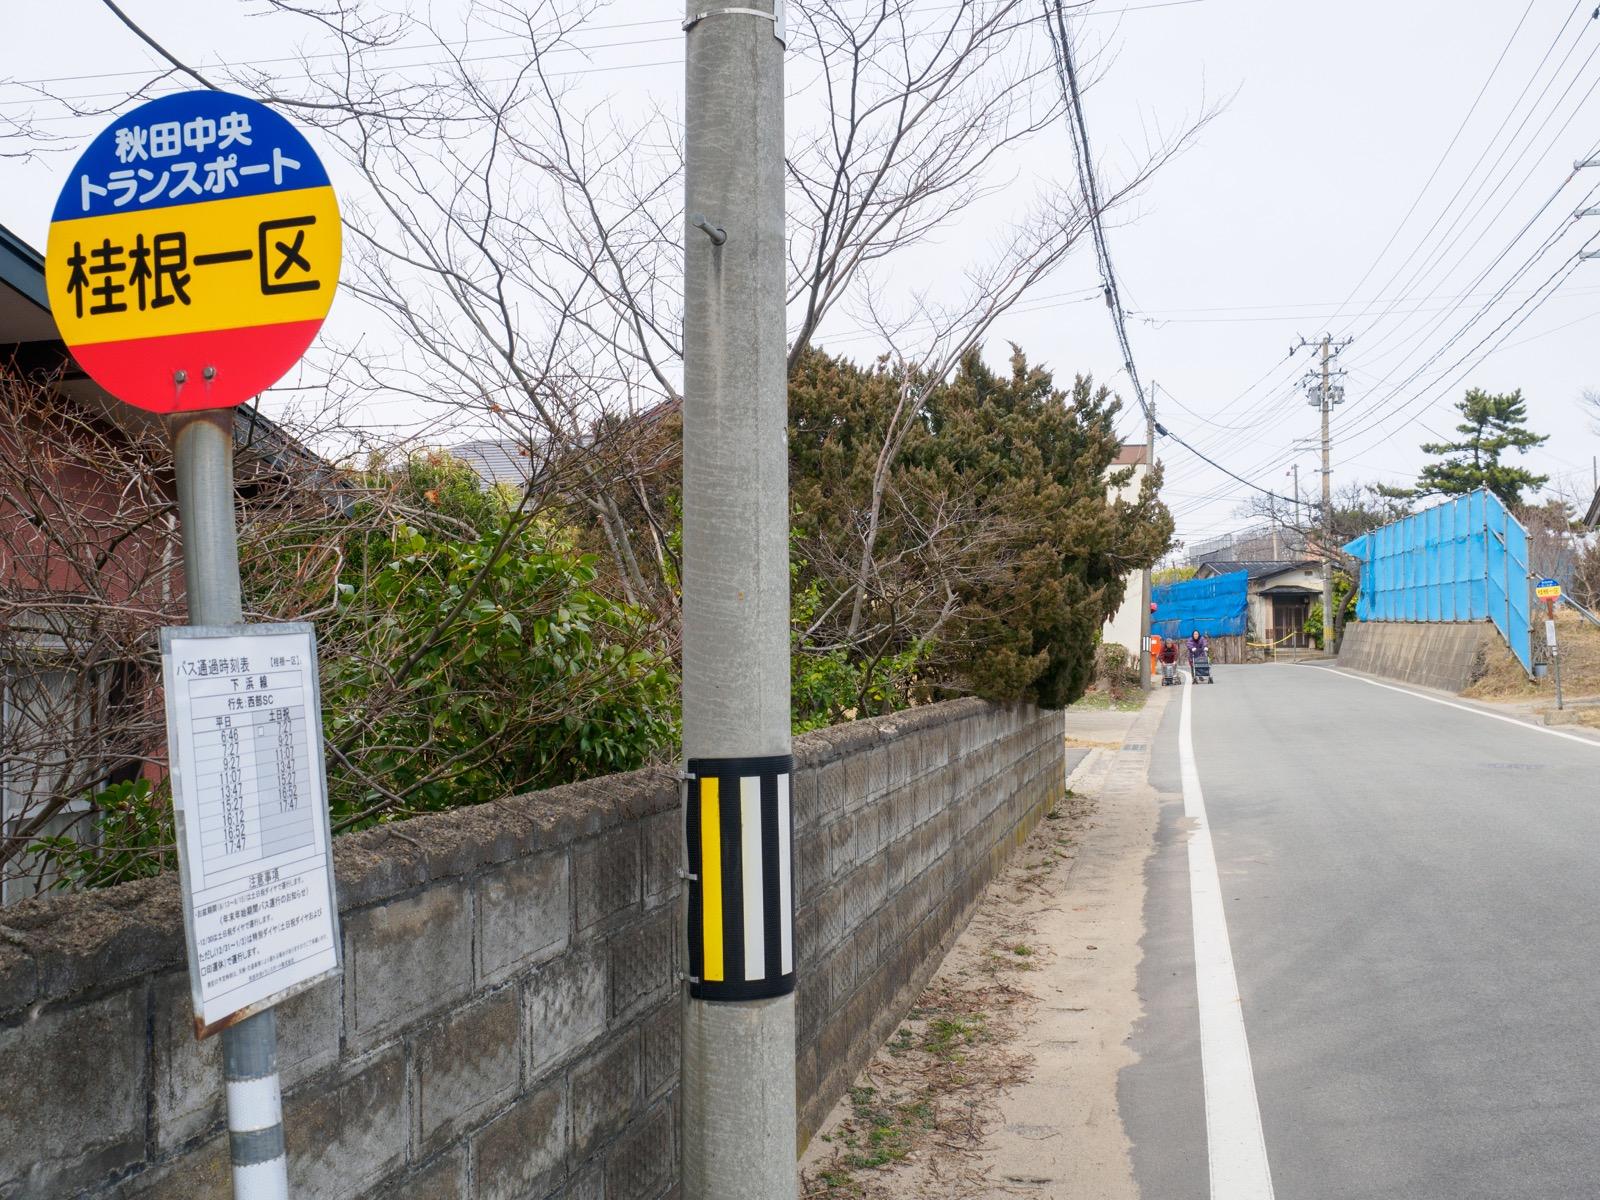 桂根駅のそばにある、秋田市マイタウン・バス西部線の桂根一区バス停